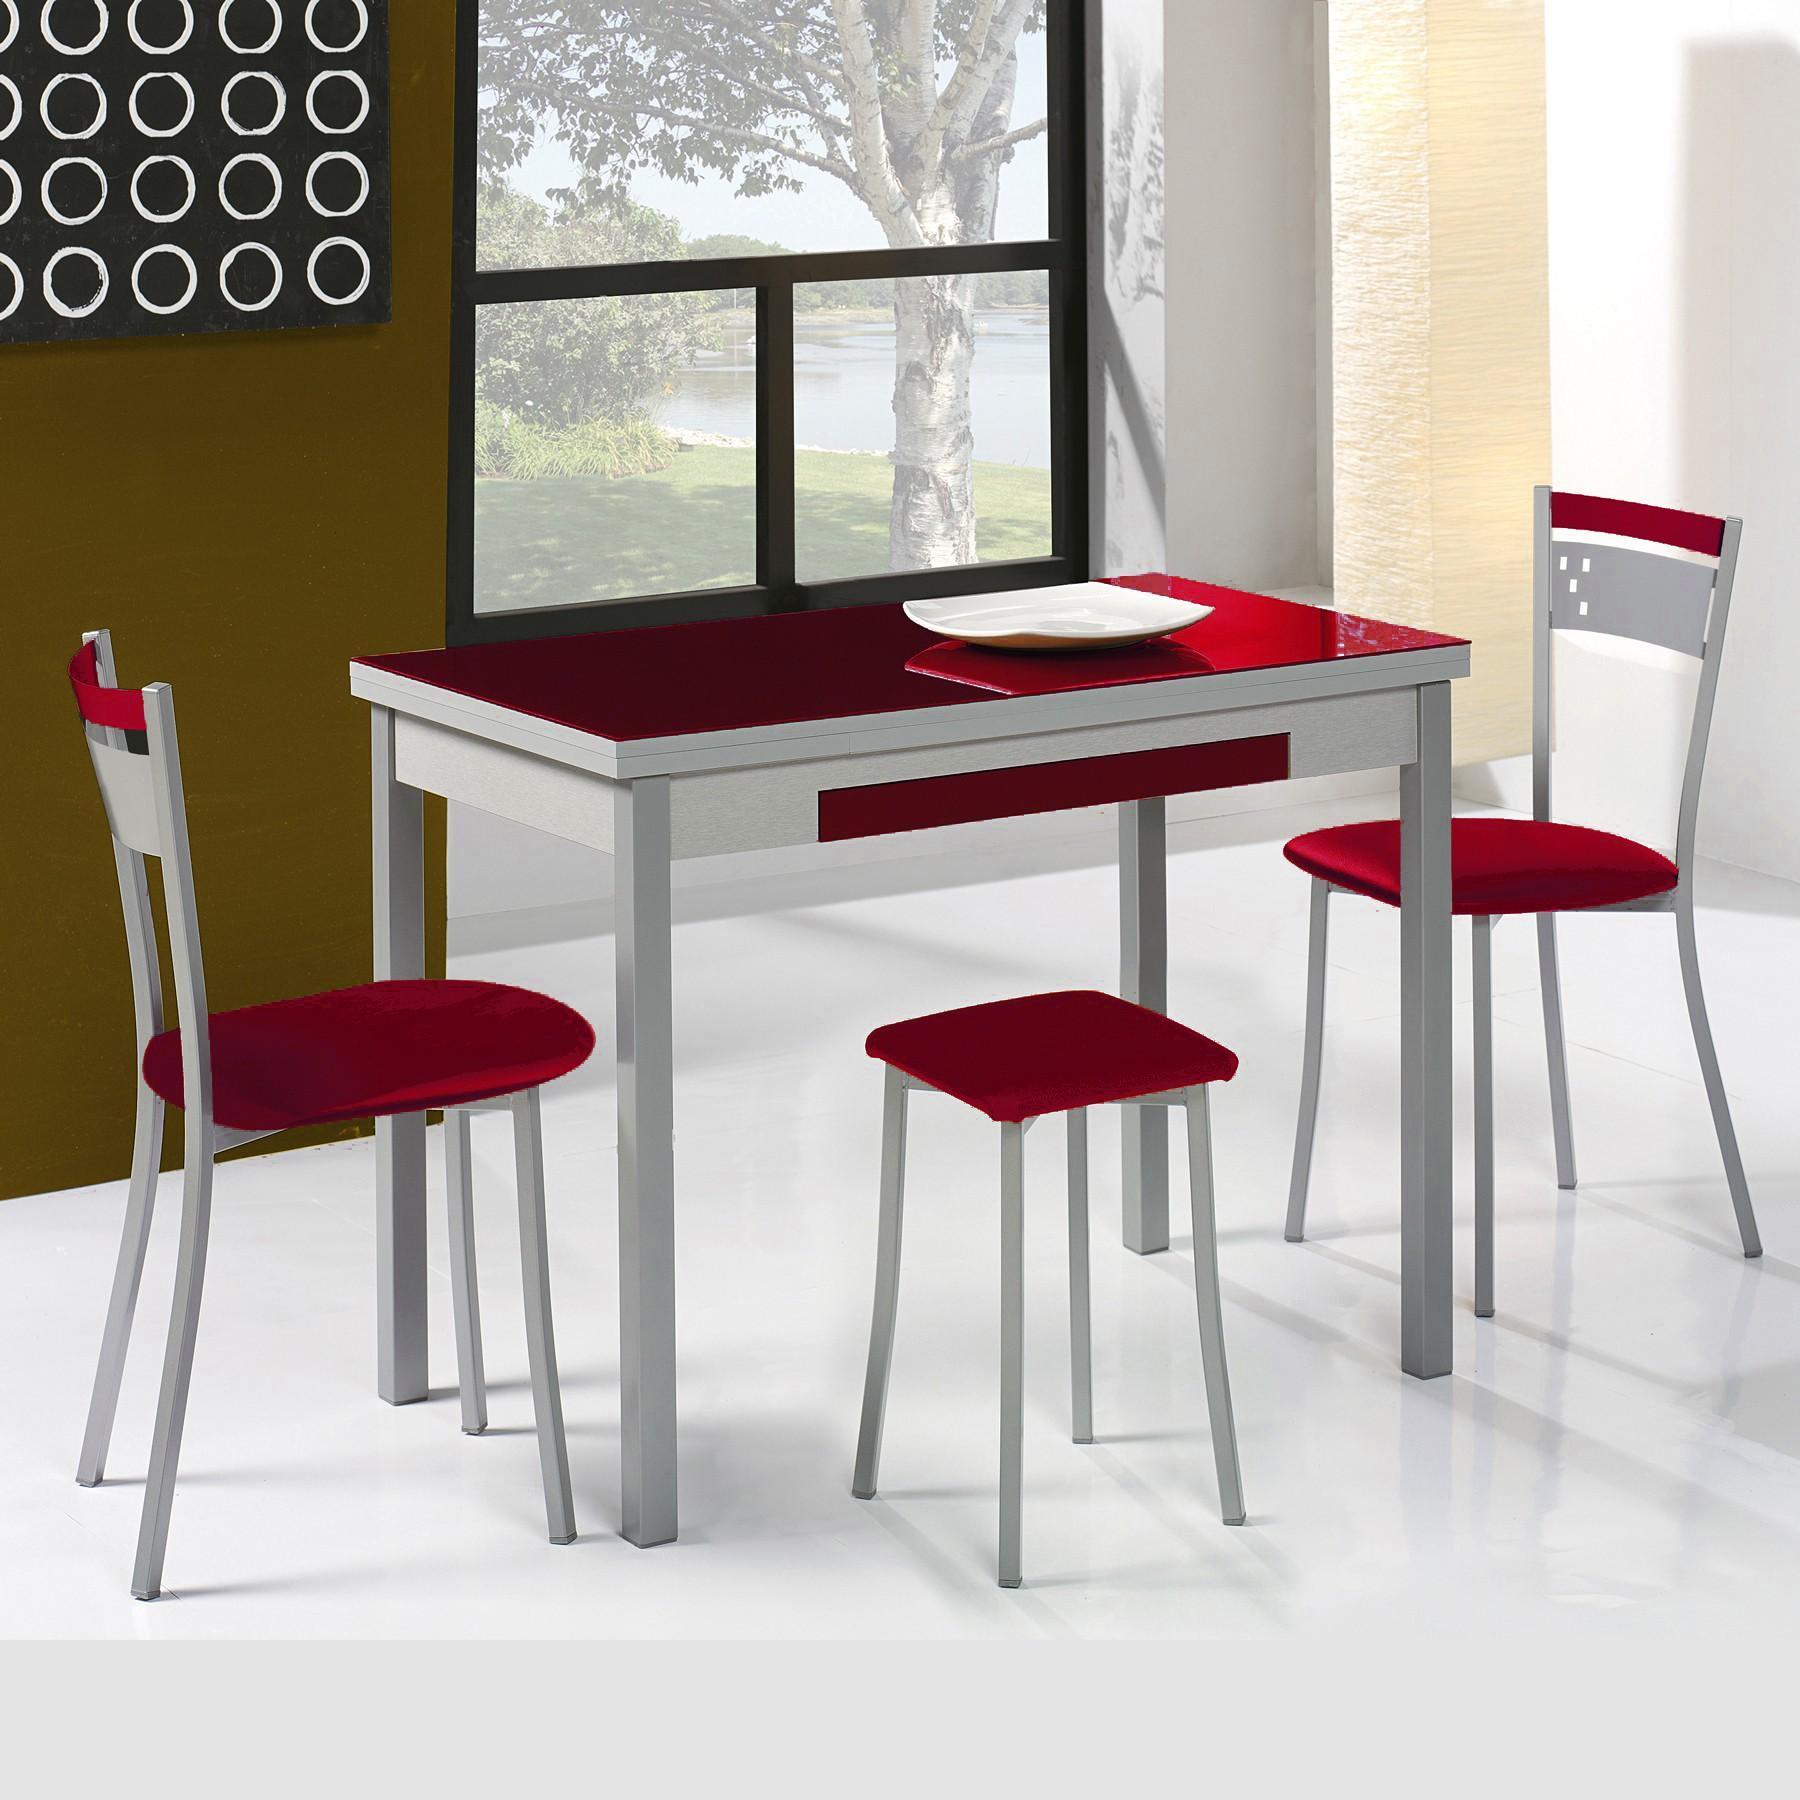 Conjunto de mesa extensible alas sillas y taburetes de for Mesa cocina extensible ikea